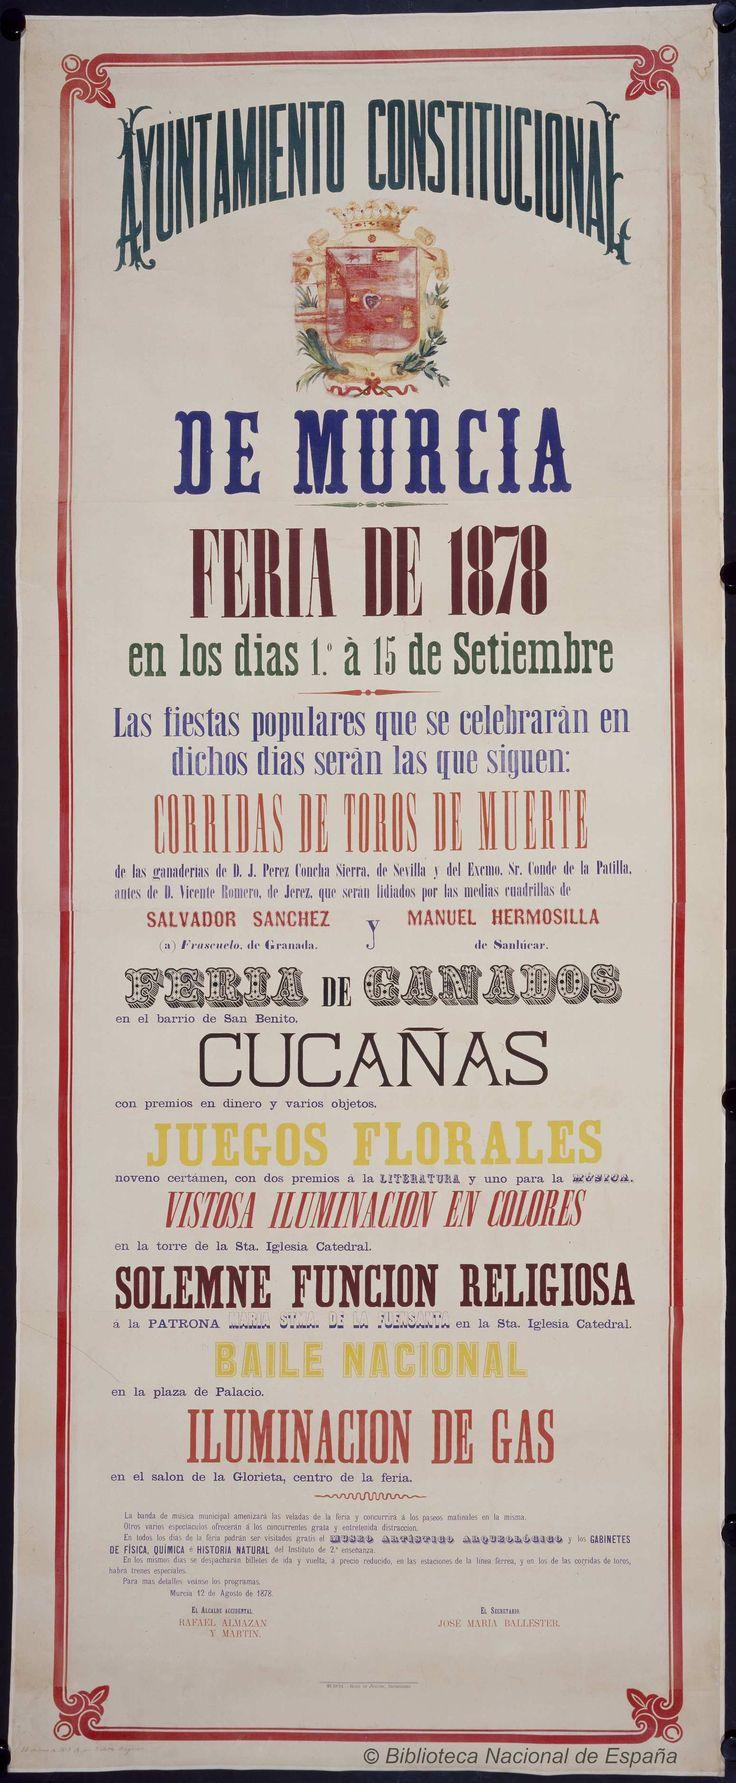 Feria de 1878. Murcia Ayuntamiento — Dibujos, grabados y fotografías — 1878